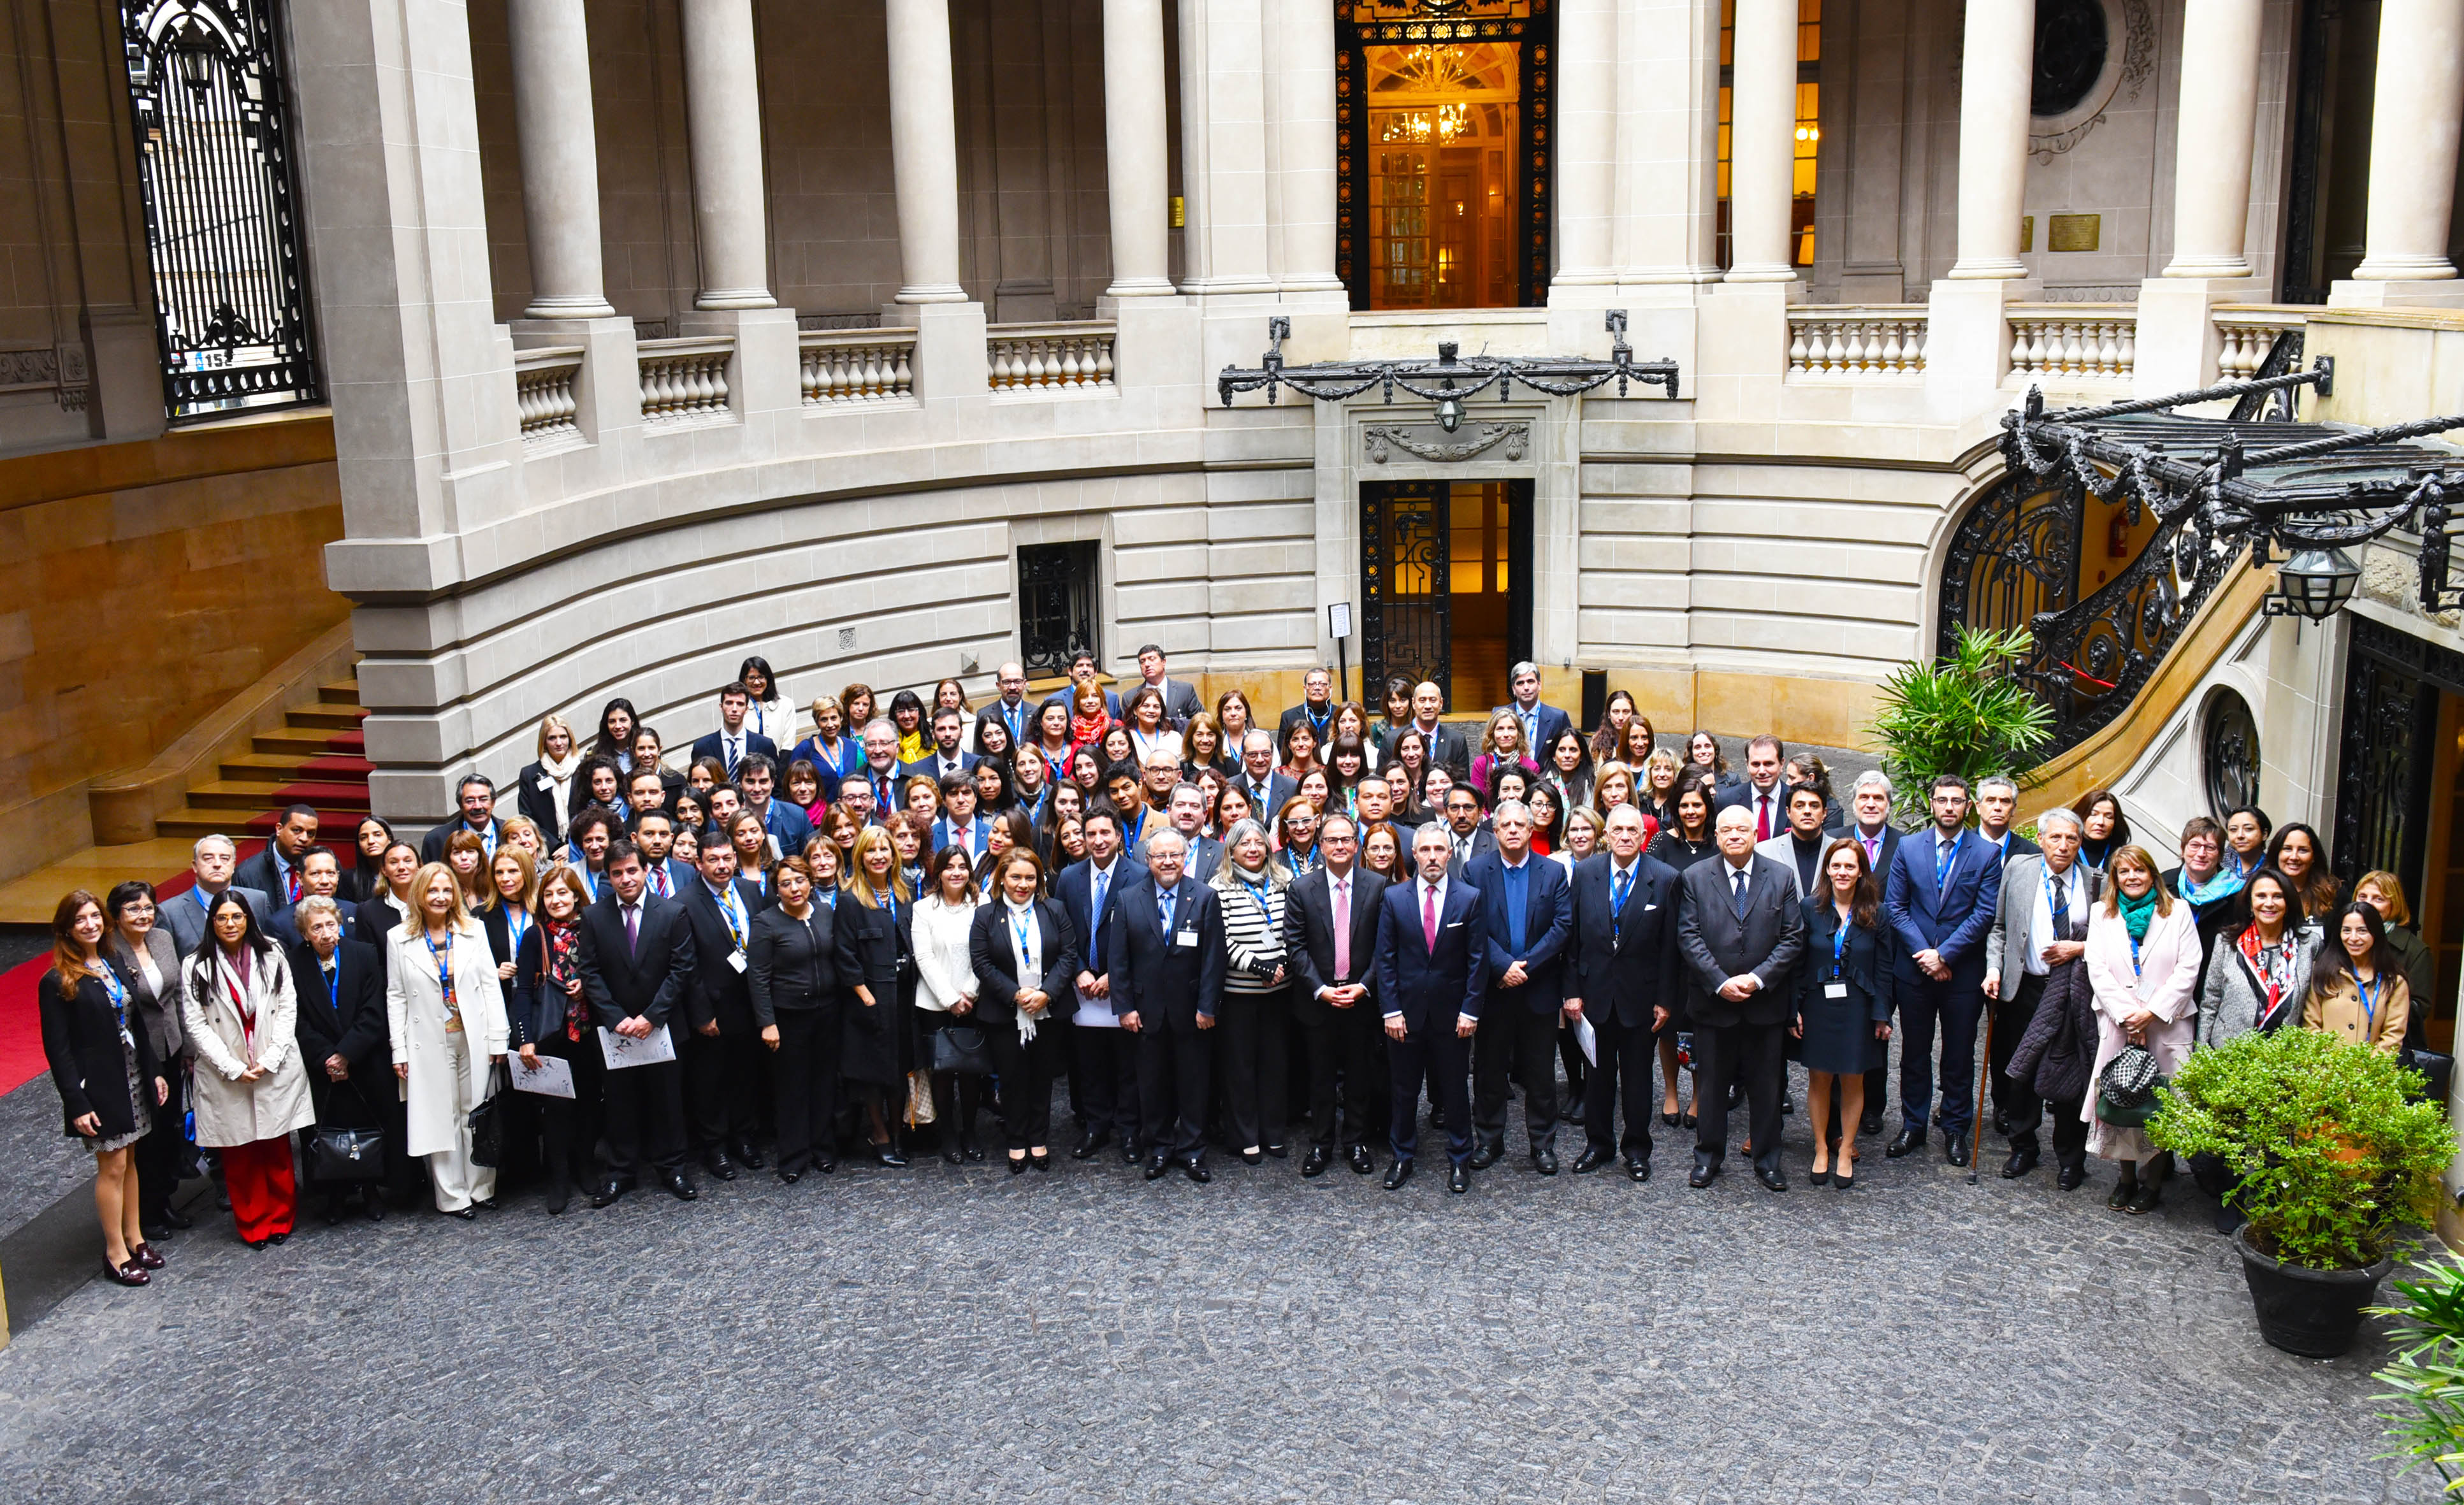 125 Aniversario De La Creaci N De La Conferencia De La Haya Ministerio De Relaciones